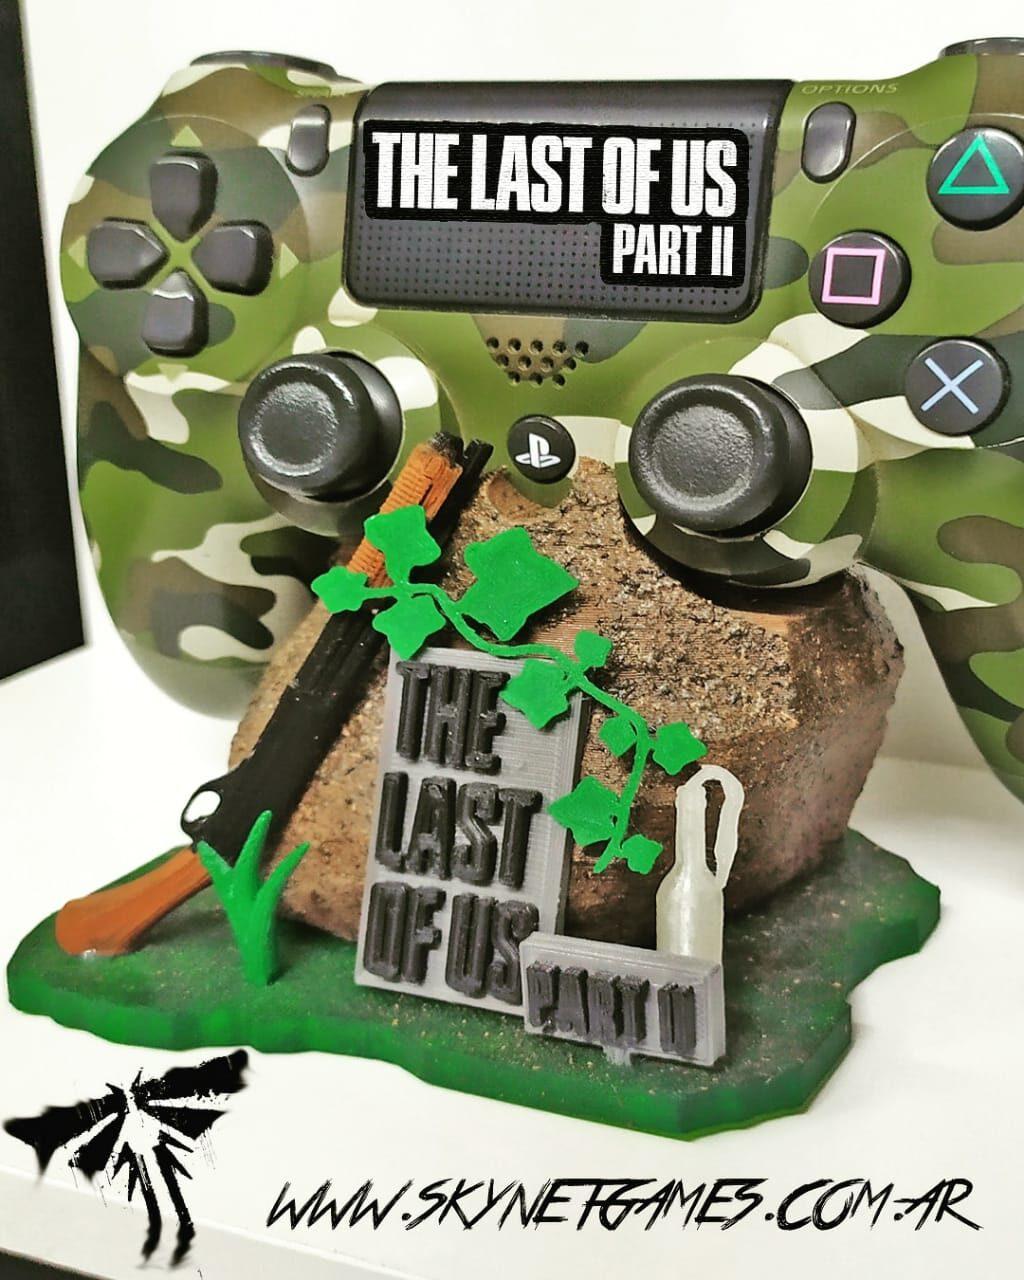 Base de Joystick PS4 THE LAST OF US PARTE 2 – SKYNET GAMES